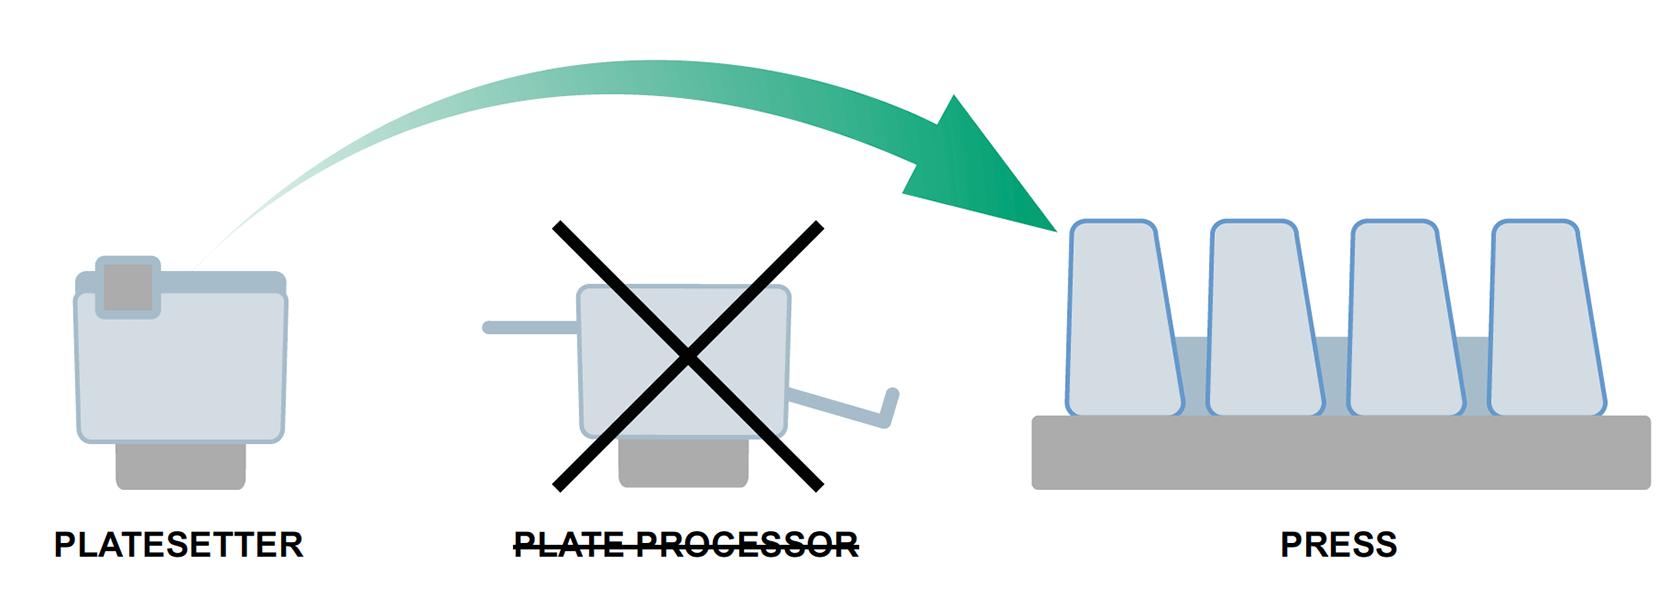 {이미지] 플레이이터 세터에서 직접 인쇄기로, 현상기 없어짐.